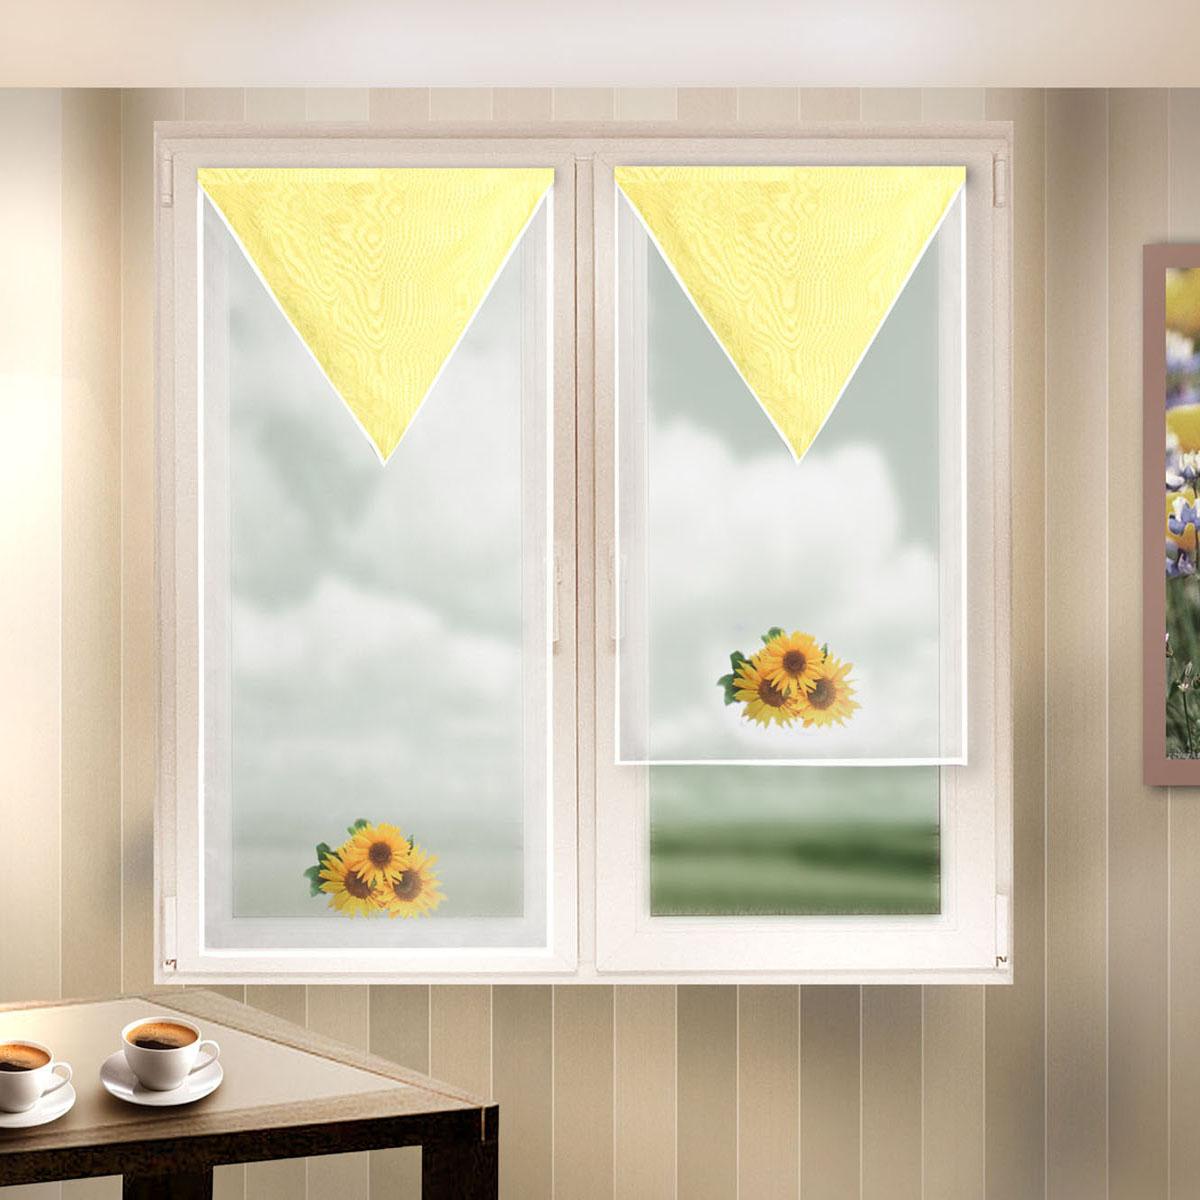 Гардина Zlata Korunka, на липкой ленте, цвет: белый, желтый, высота 90 см, 2 шт. 666056-2 zlata korunka женские платки носовые 3 шт